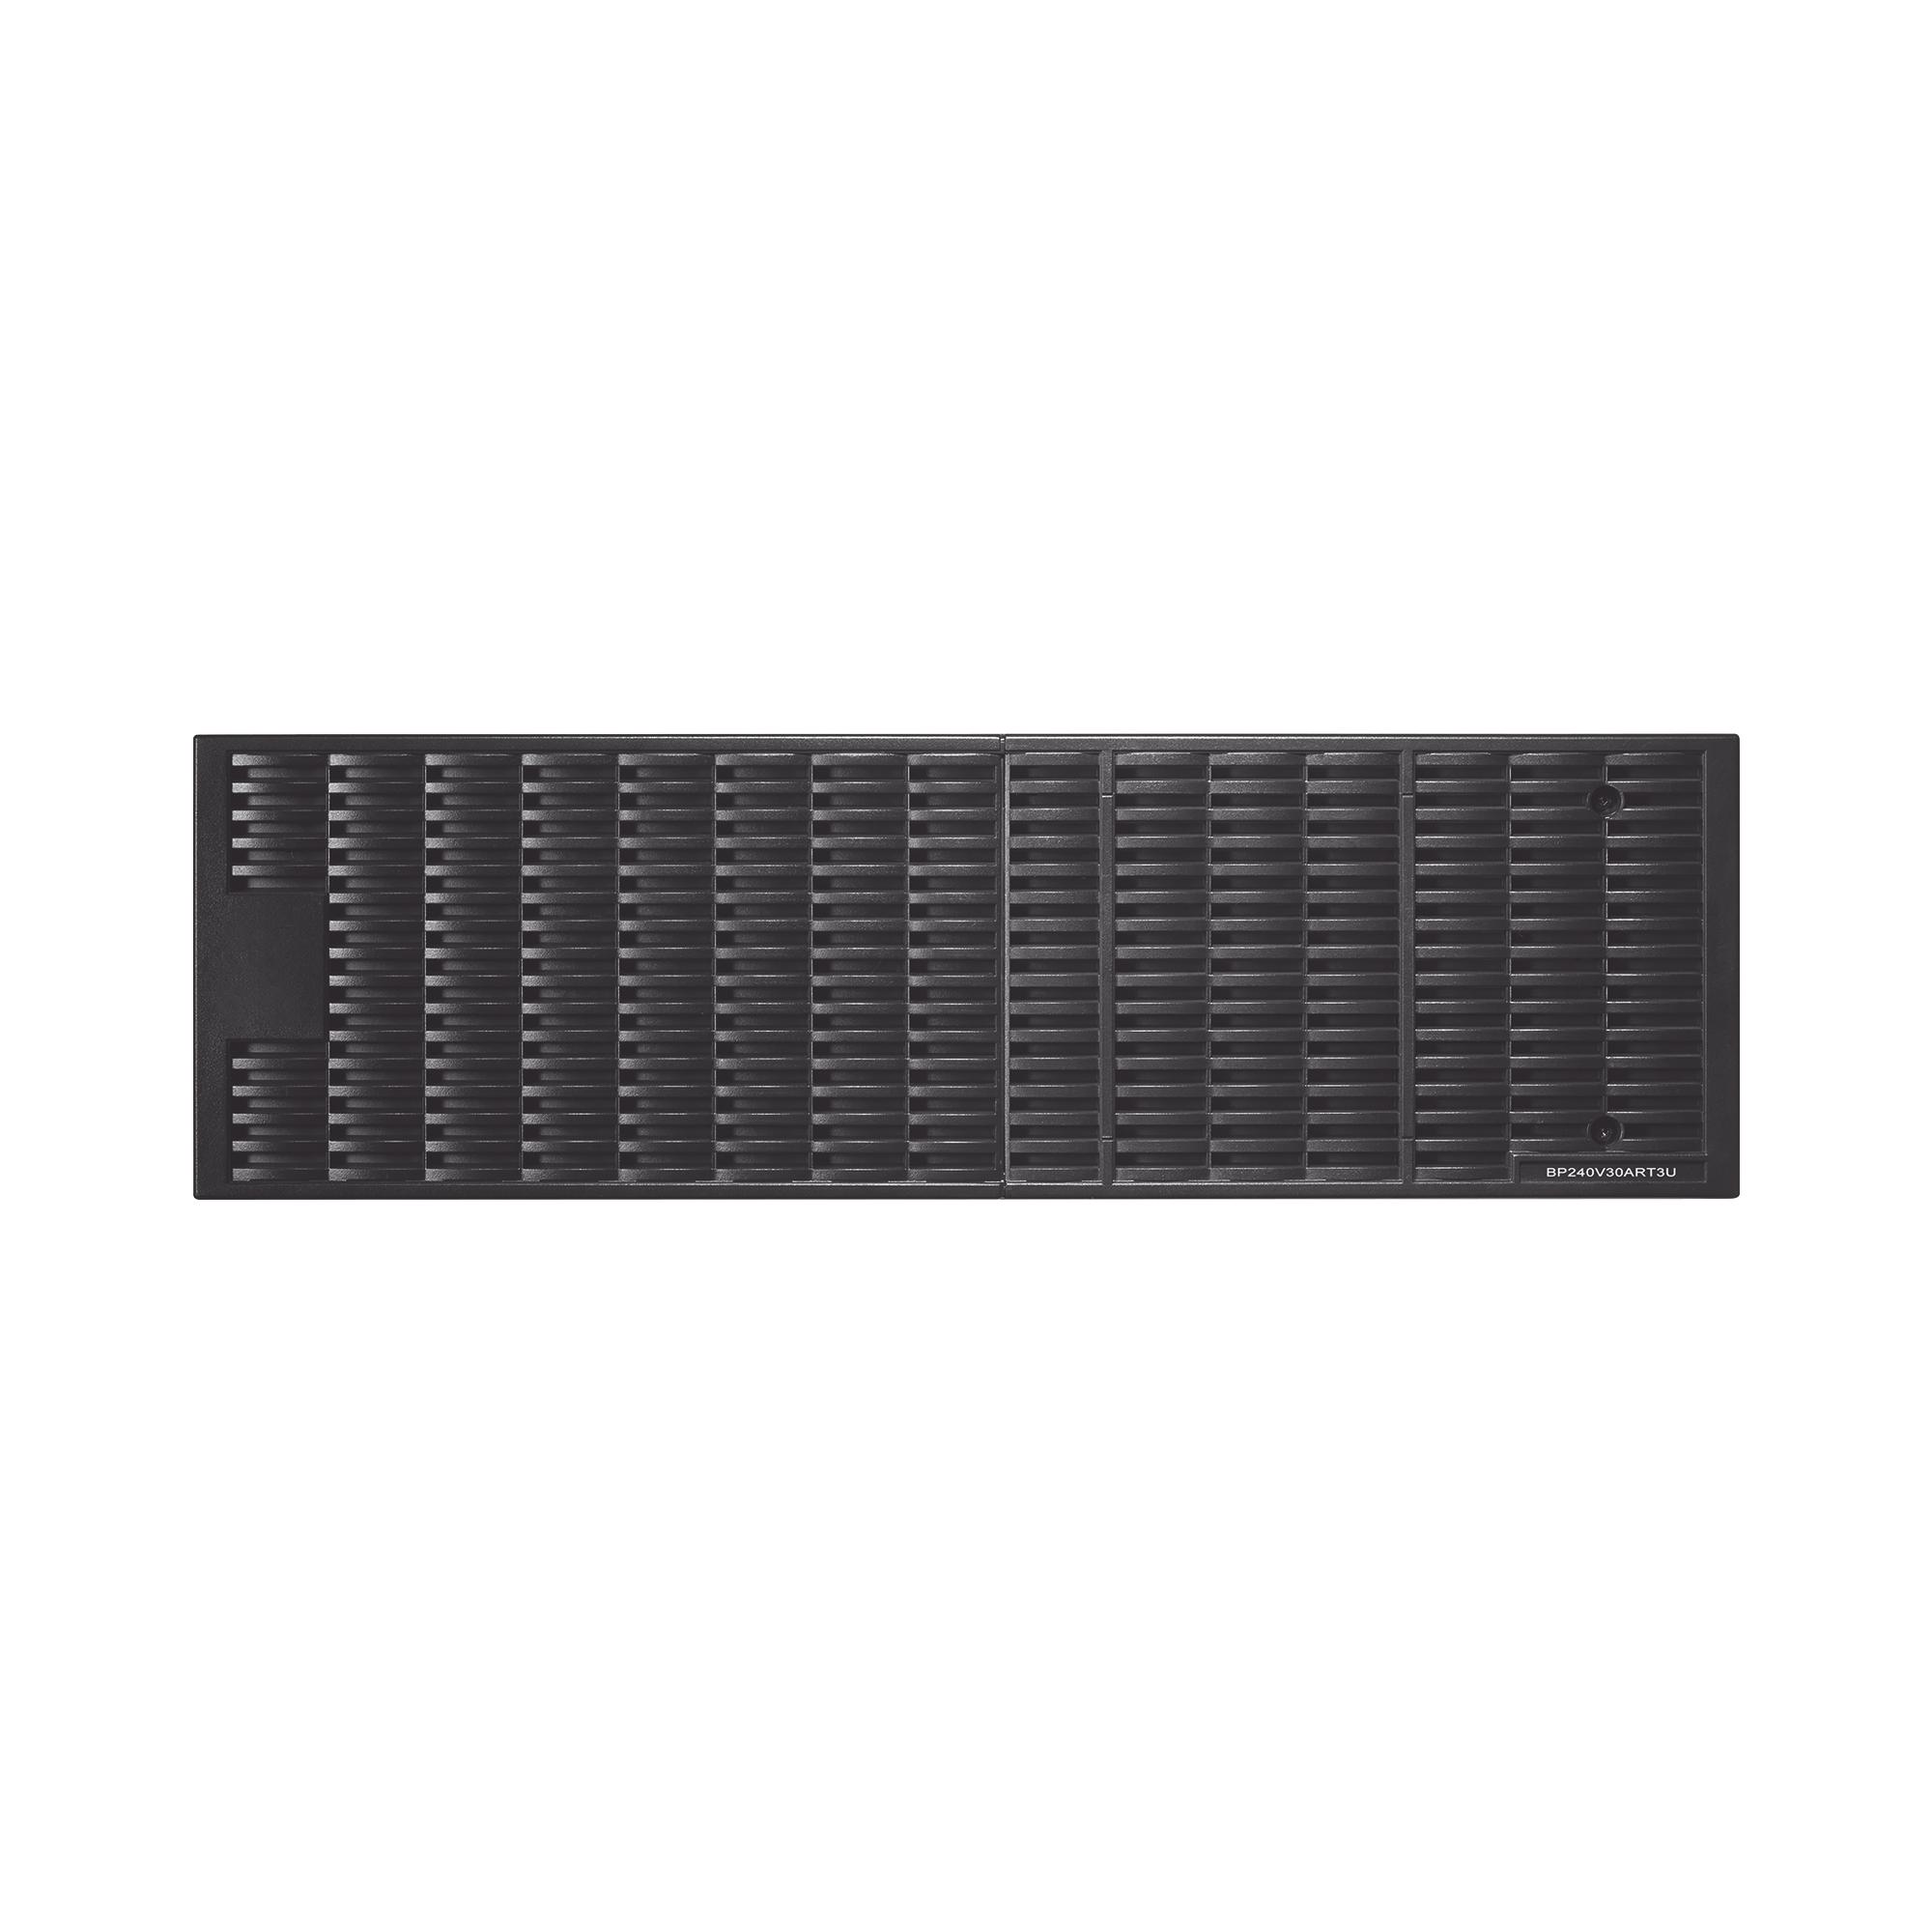 Modulo de Baterias Externas de 240V a 50 Amp, para Extension de Tiempo de Respaldo, Para UPS Serie OL de 6 KVA a 10 KVA